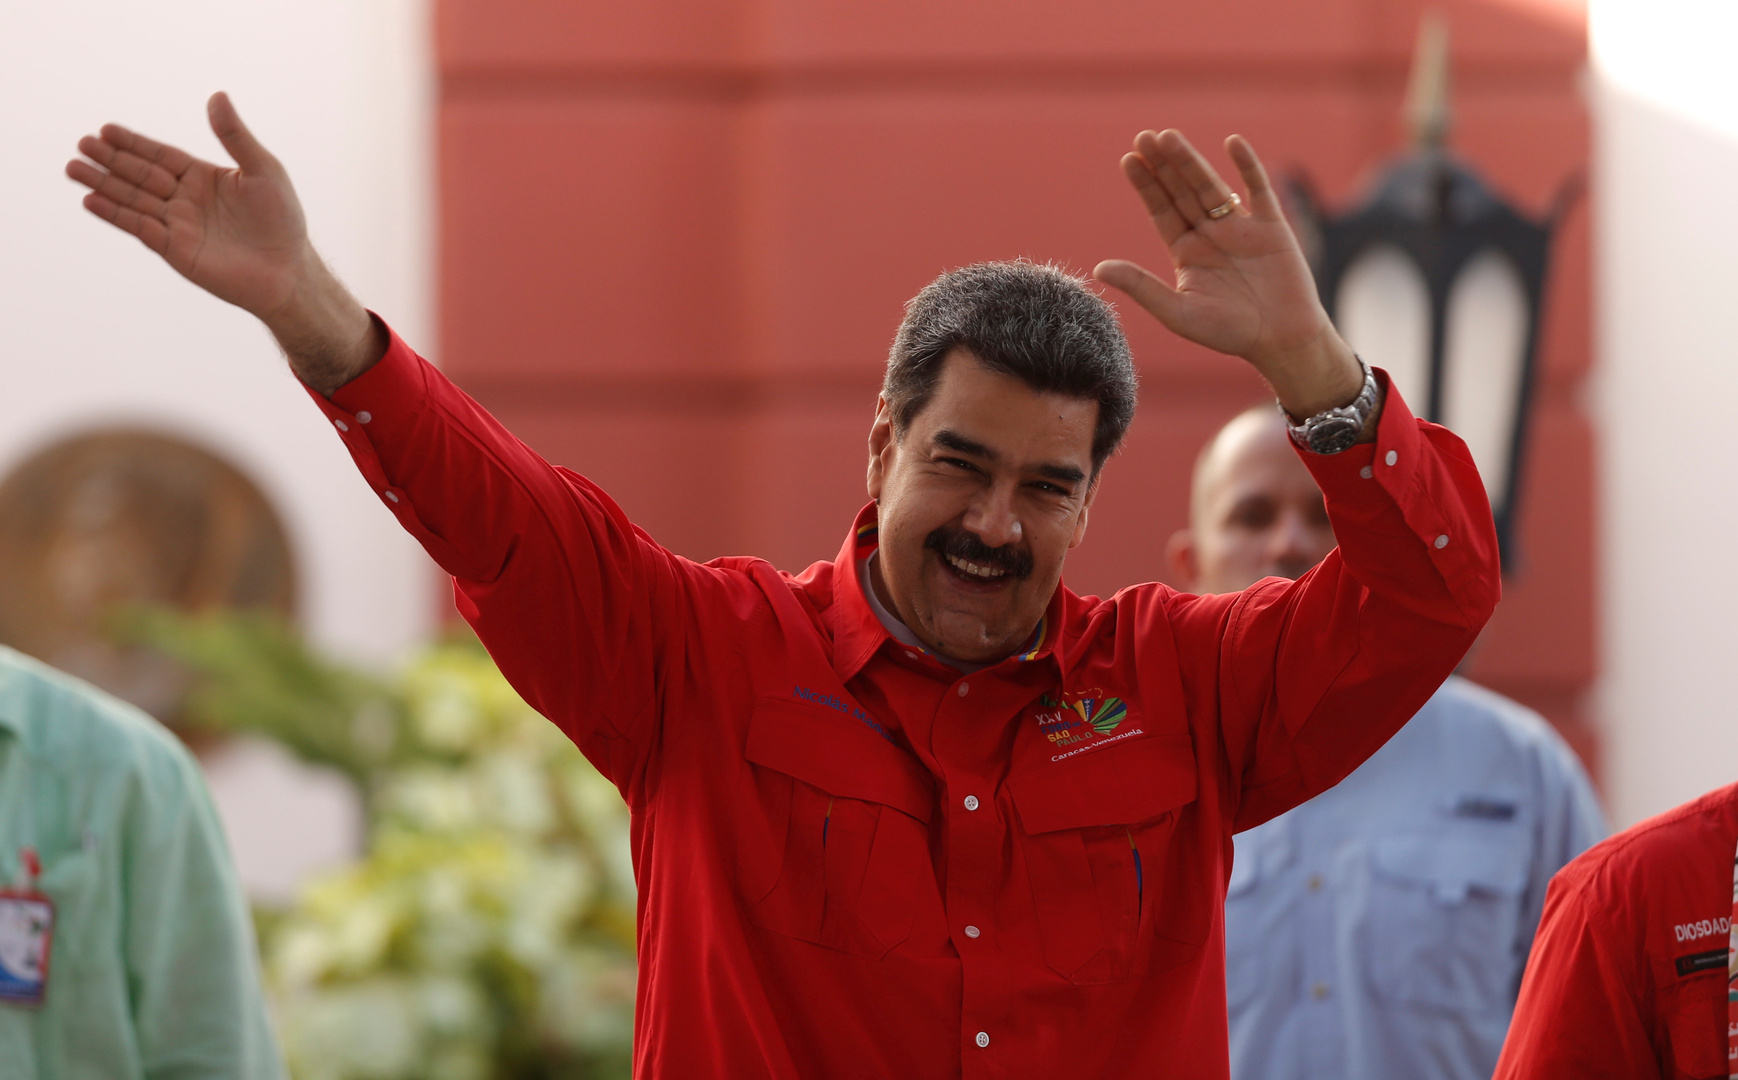 مادورو: الوقت حان للتفاوض مع واشنطن وجذور الخلاف ليست في ترامب بل مستشاريه